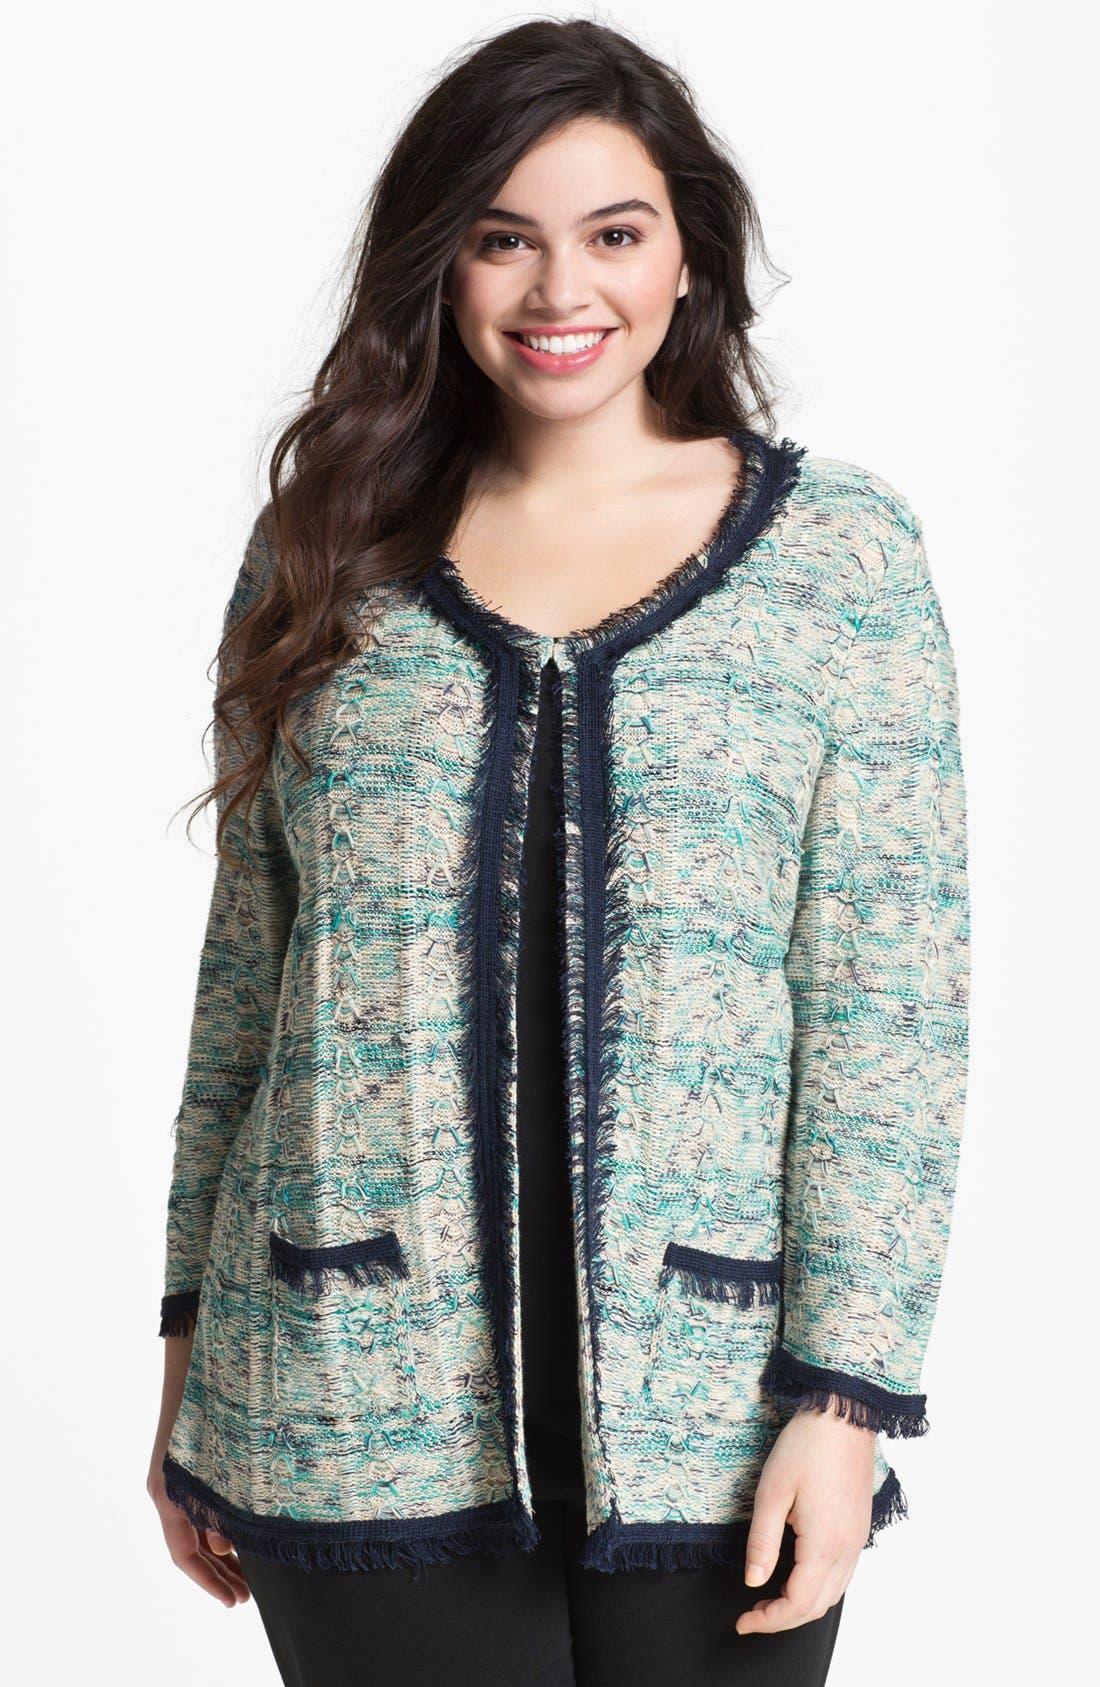 Main Image - Nic + Zoe 'Tweedy' Knit Jacket (Plus Size)